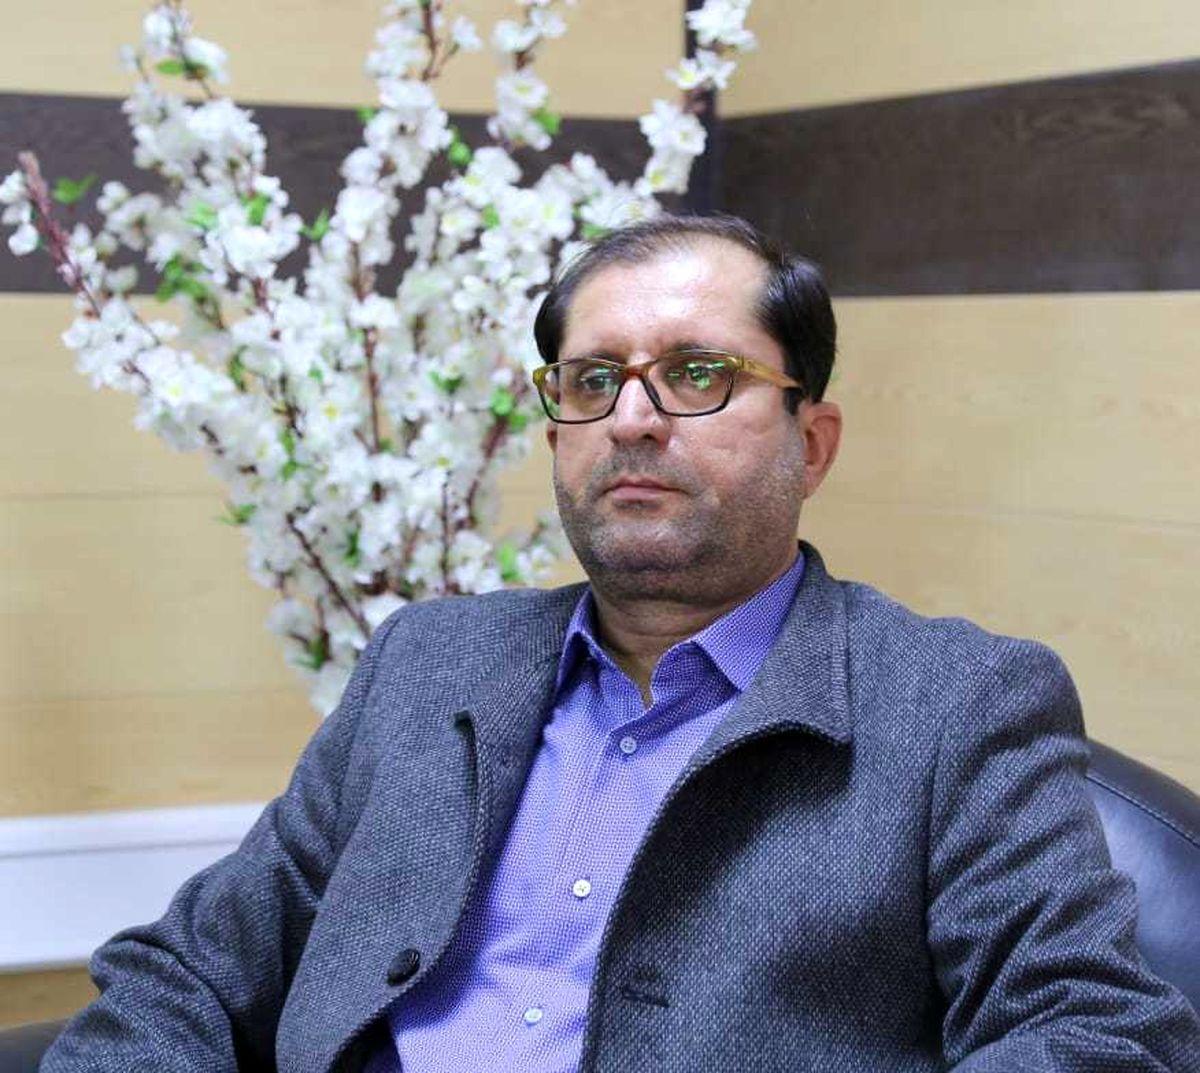 شرکت گاز استان ایلام بیش از دو هزار اشتراک رایگان گاز واگذار کرد